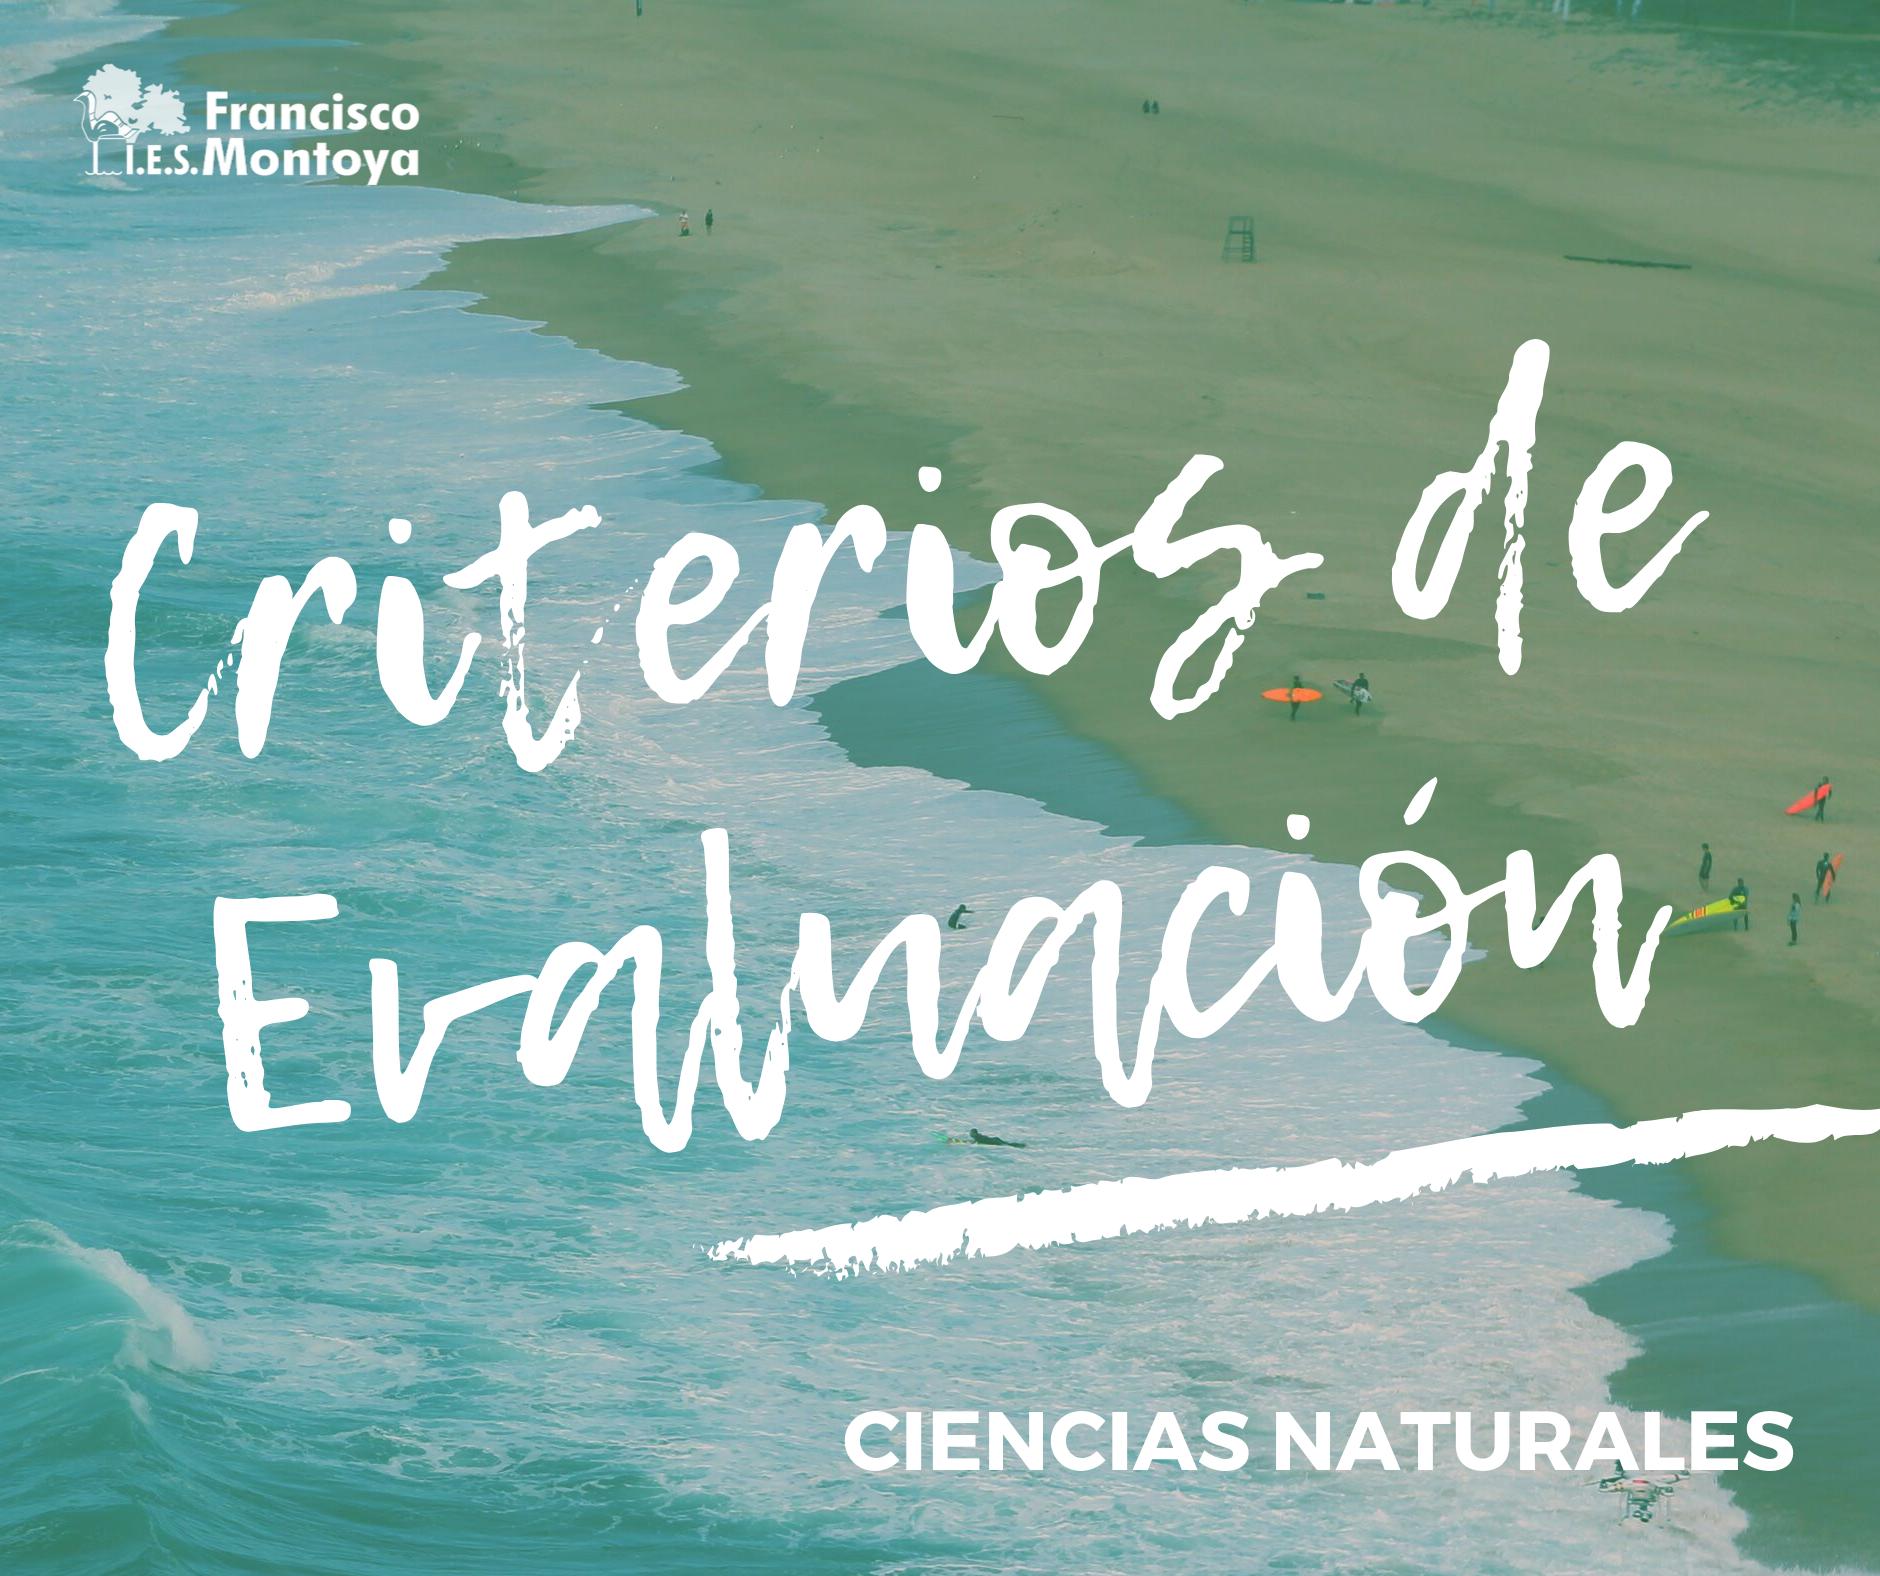 Ciencias Naturales – Criterios de Evaluación 20/21